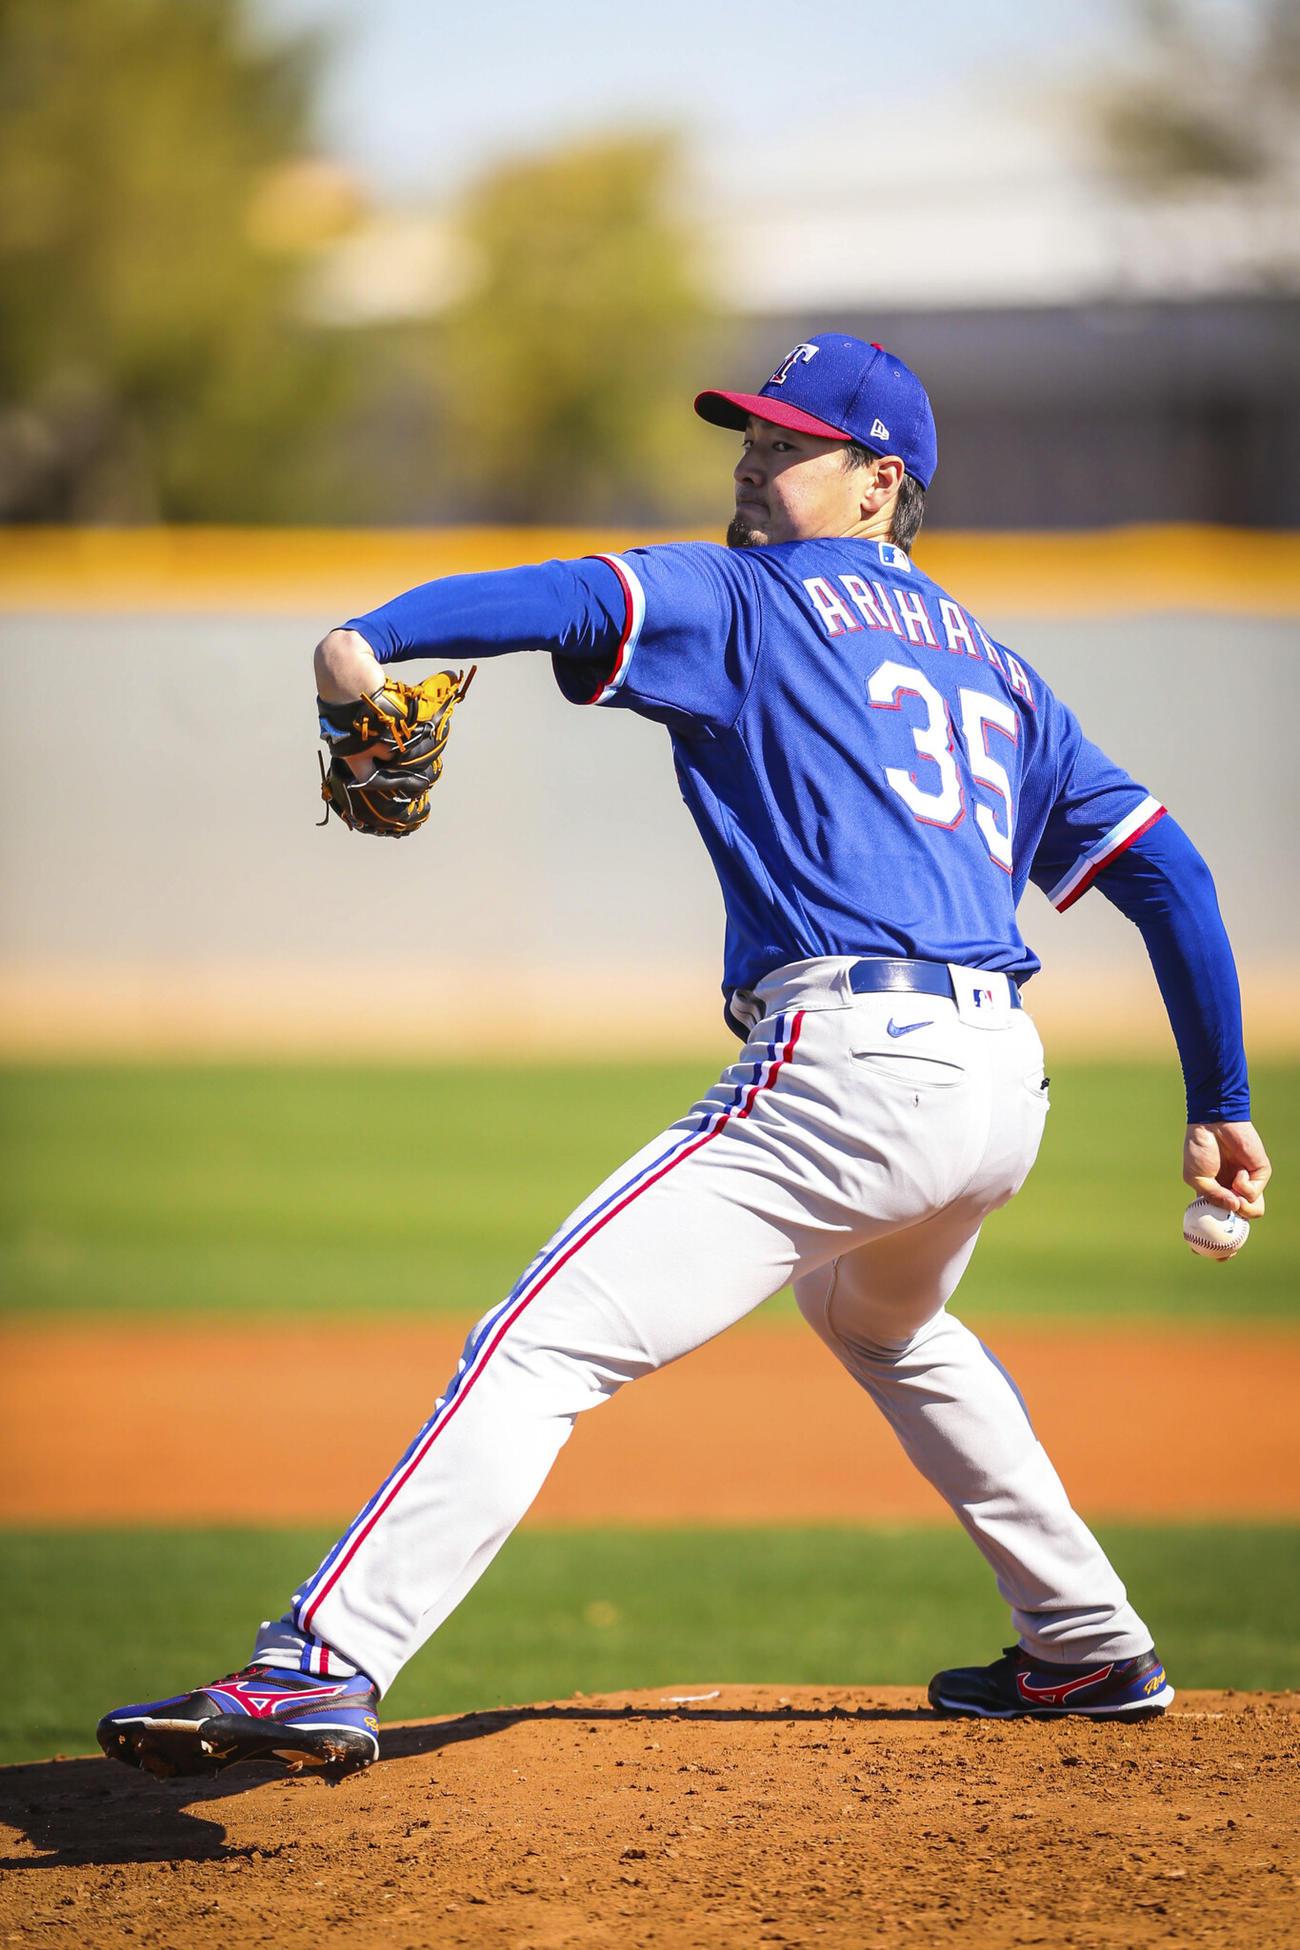 キャンプで初めて打者を相手に実戦想定の投球練習を行うレンジャーズ有原(Kelly Gavin, Texas Rangers)